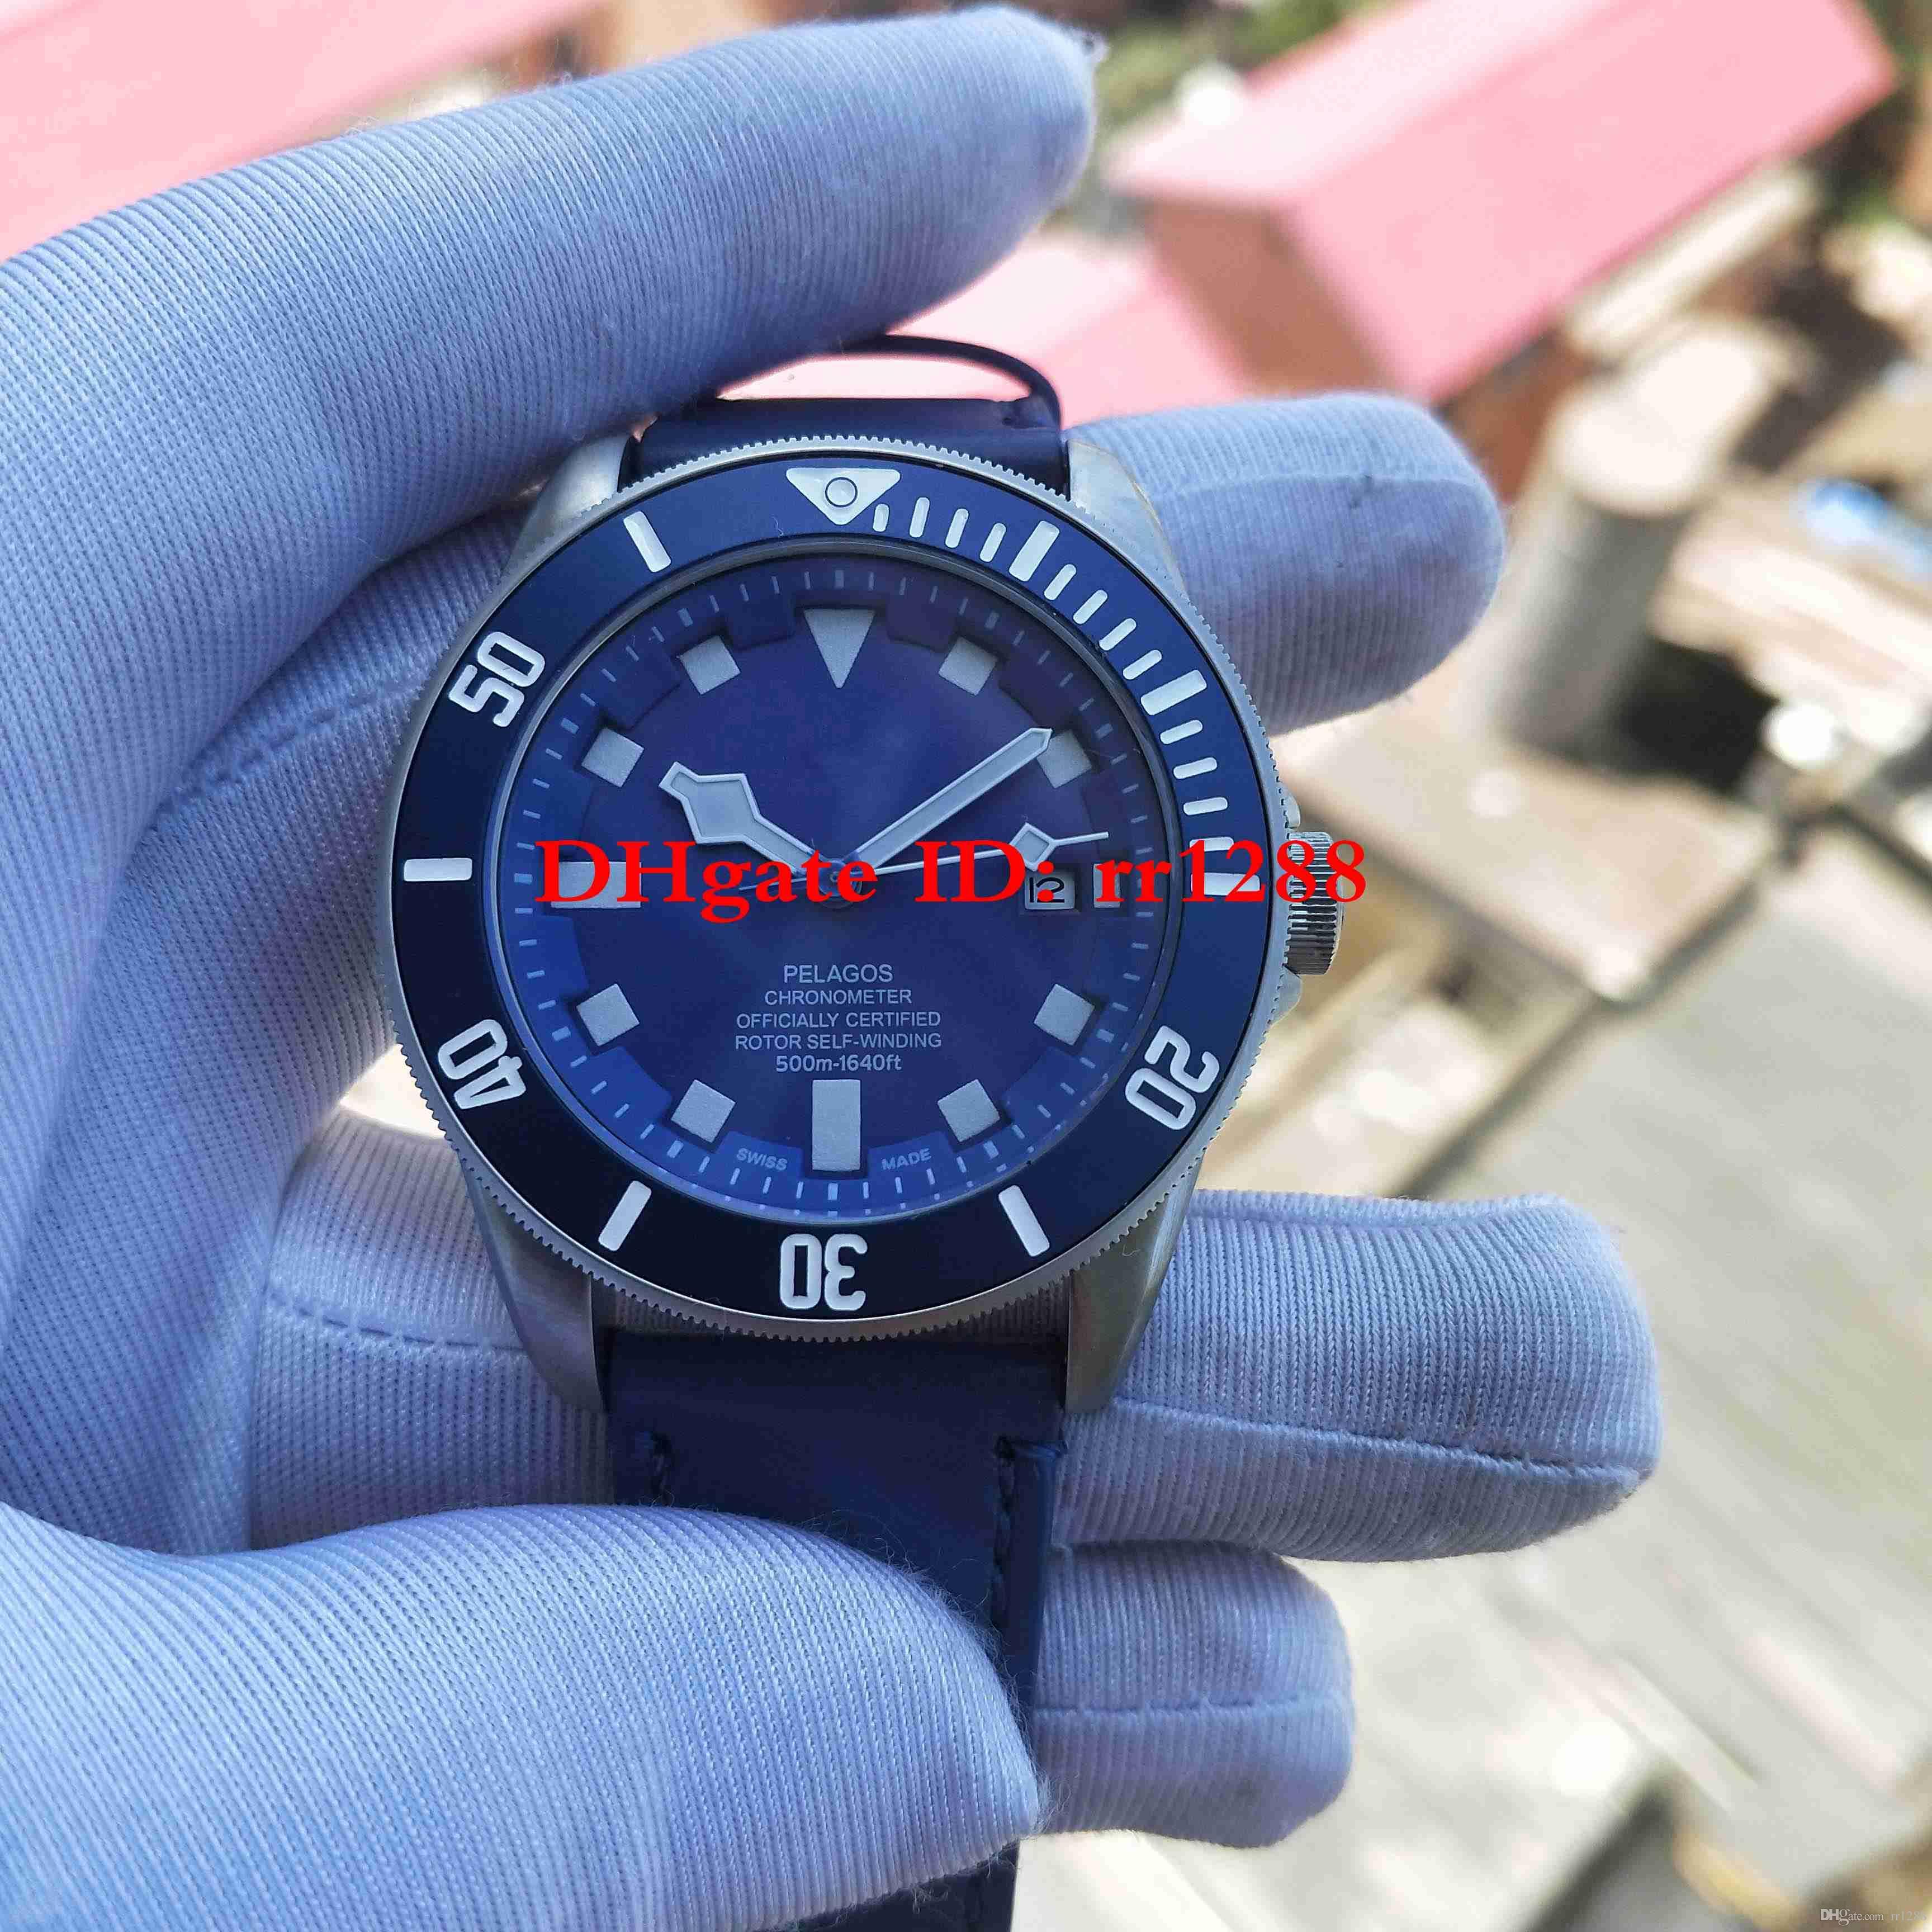 Yüksek Kalite İzle 25600TN 79230B 25600 TB GENEL Saatler Otomatik hareketi Deri kayış Mavi dial Takvim Erkek Saatler Saatı